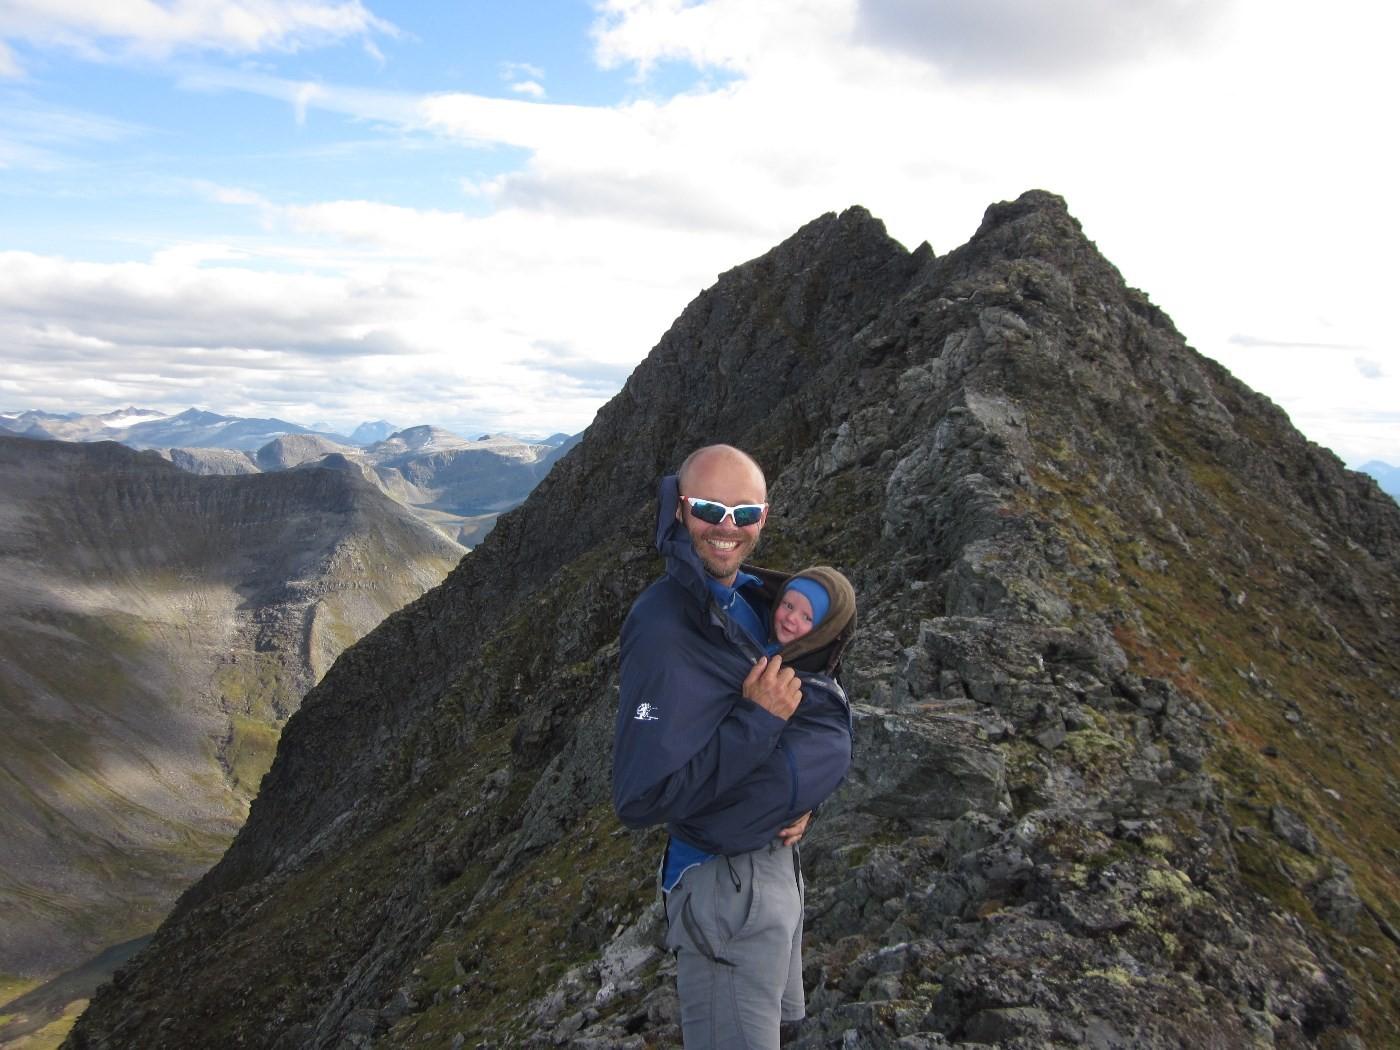 Far og son på veg til ein av toppen - nå vil dei utforske Todalsfjella.  foto: Privat